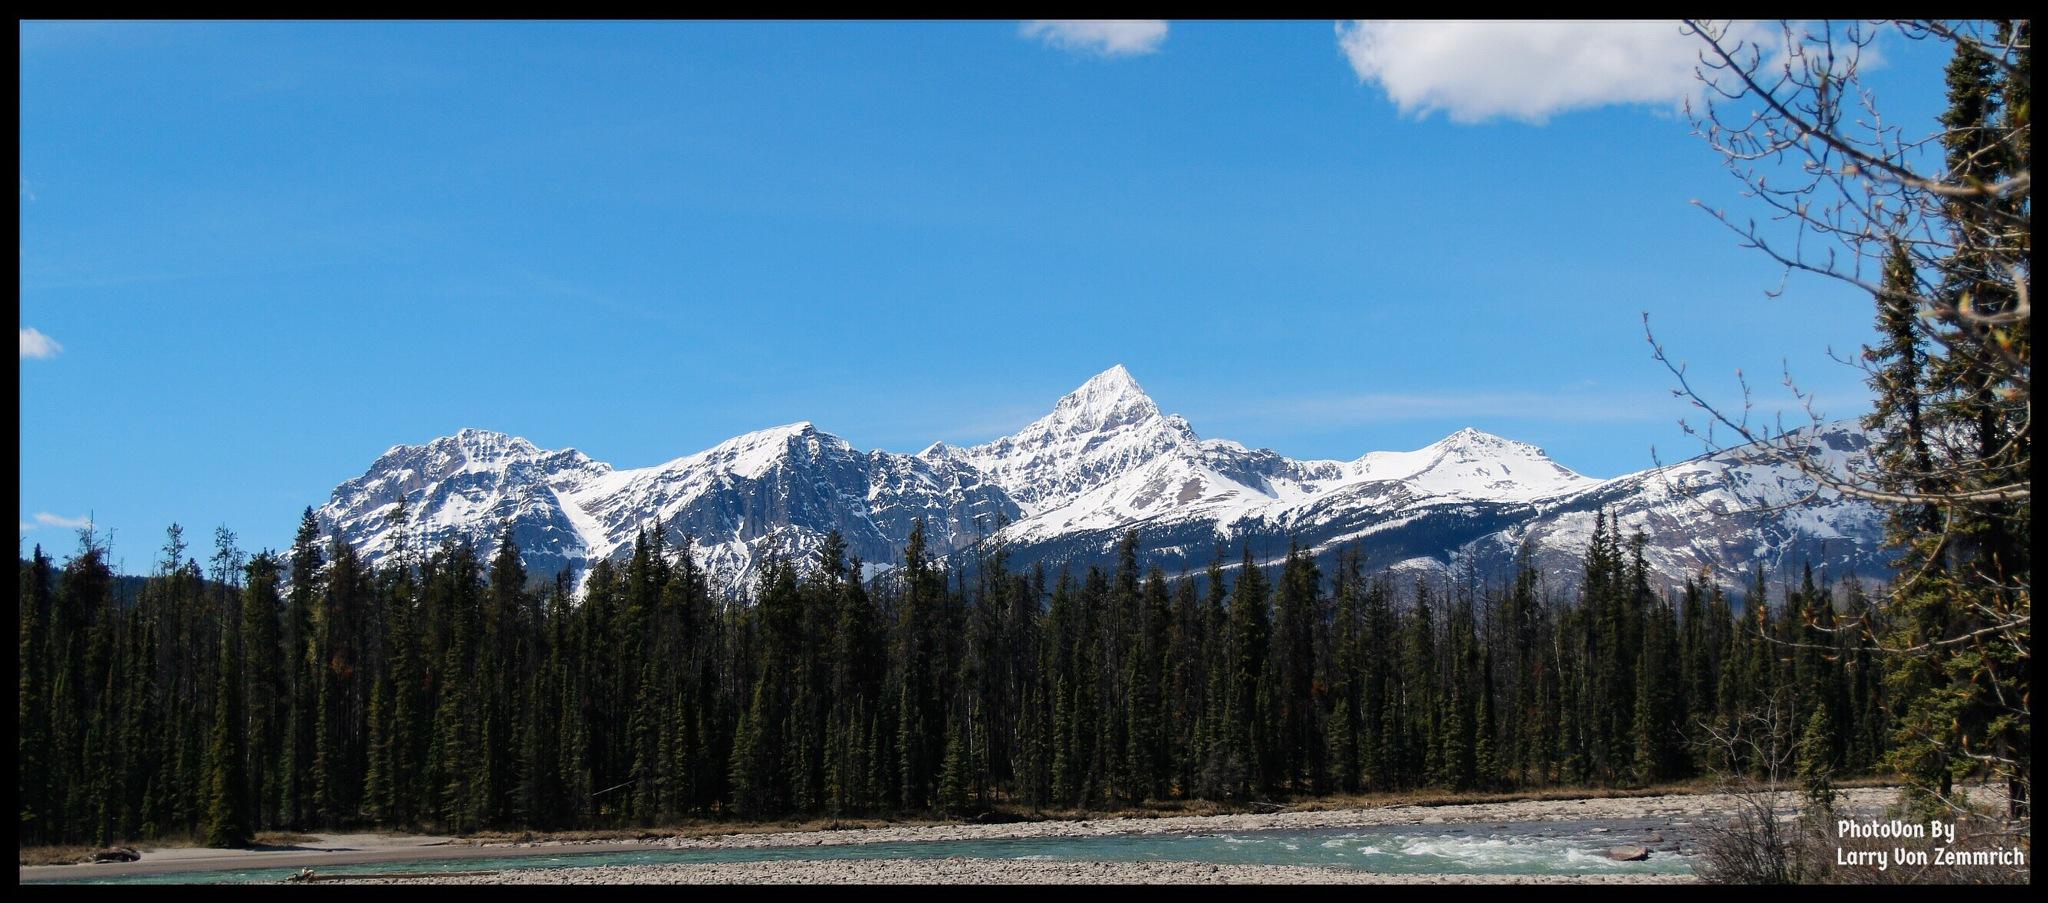 Icefield parkway  Jasper national Park Alberta Canada  by Larry Von Zemmrich